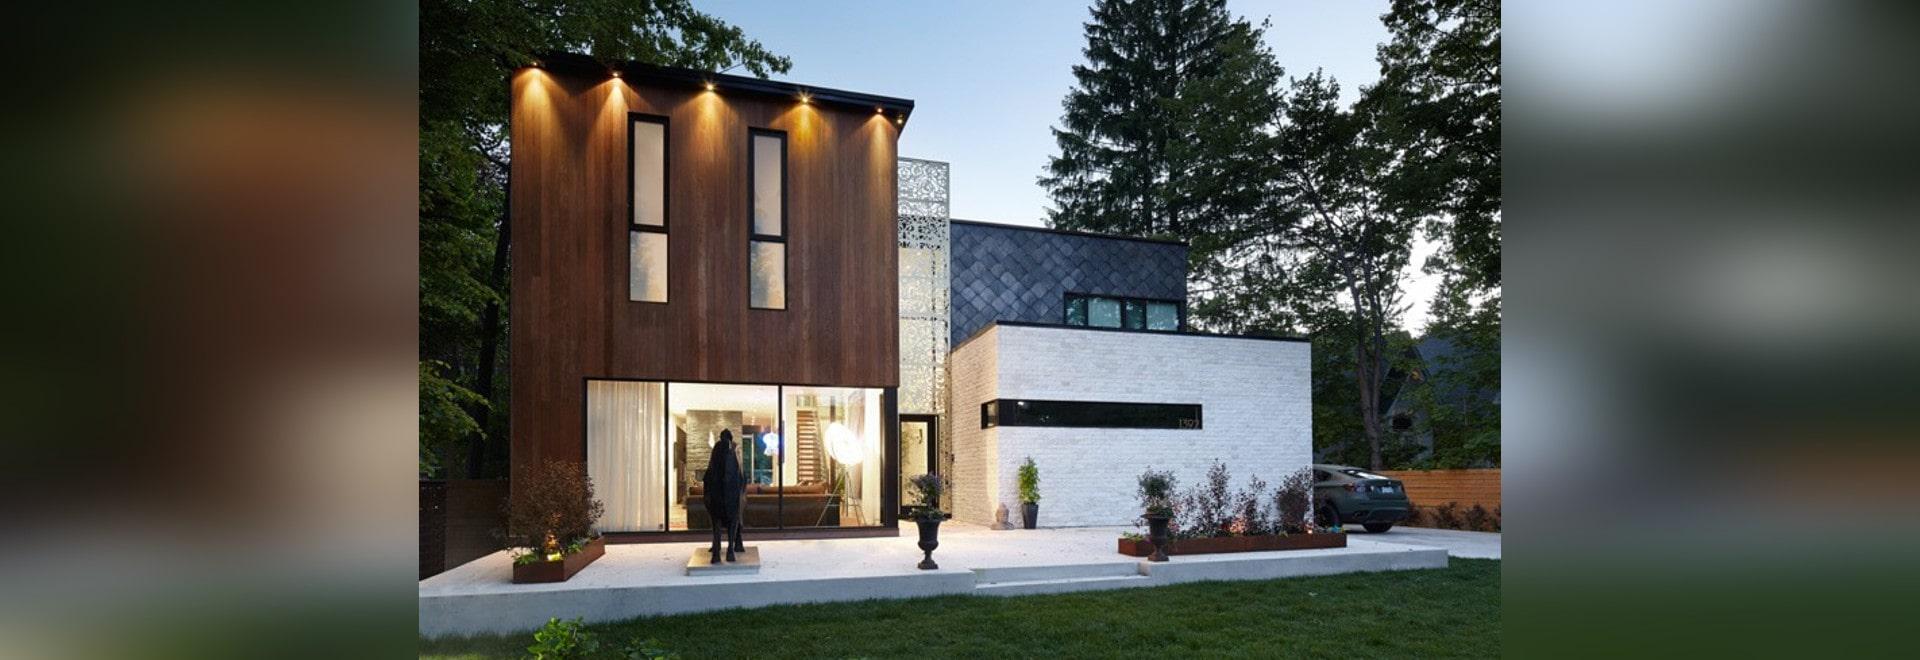 Das Aldo-Haus durch Labor Prototypedesign - Mississauga, ON, Canada